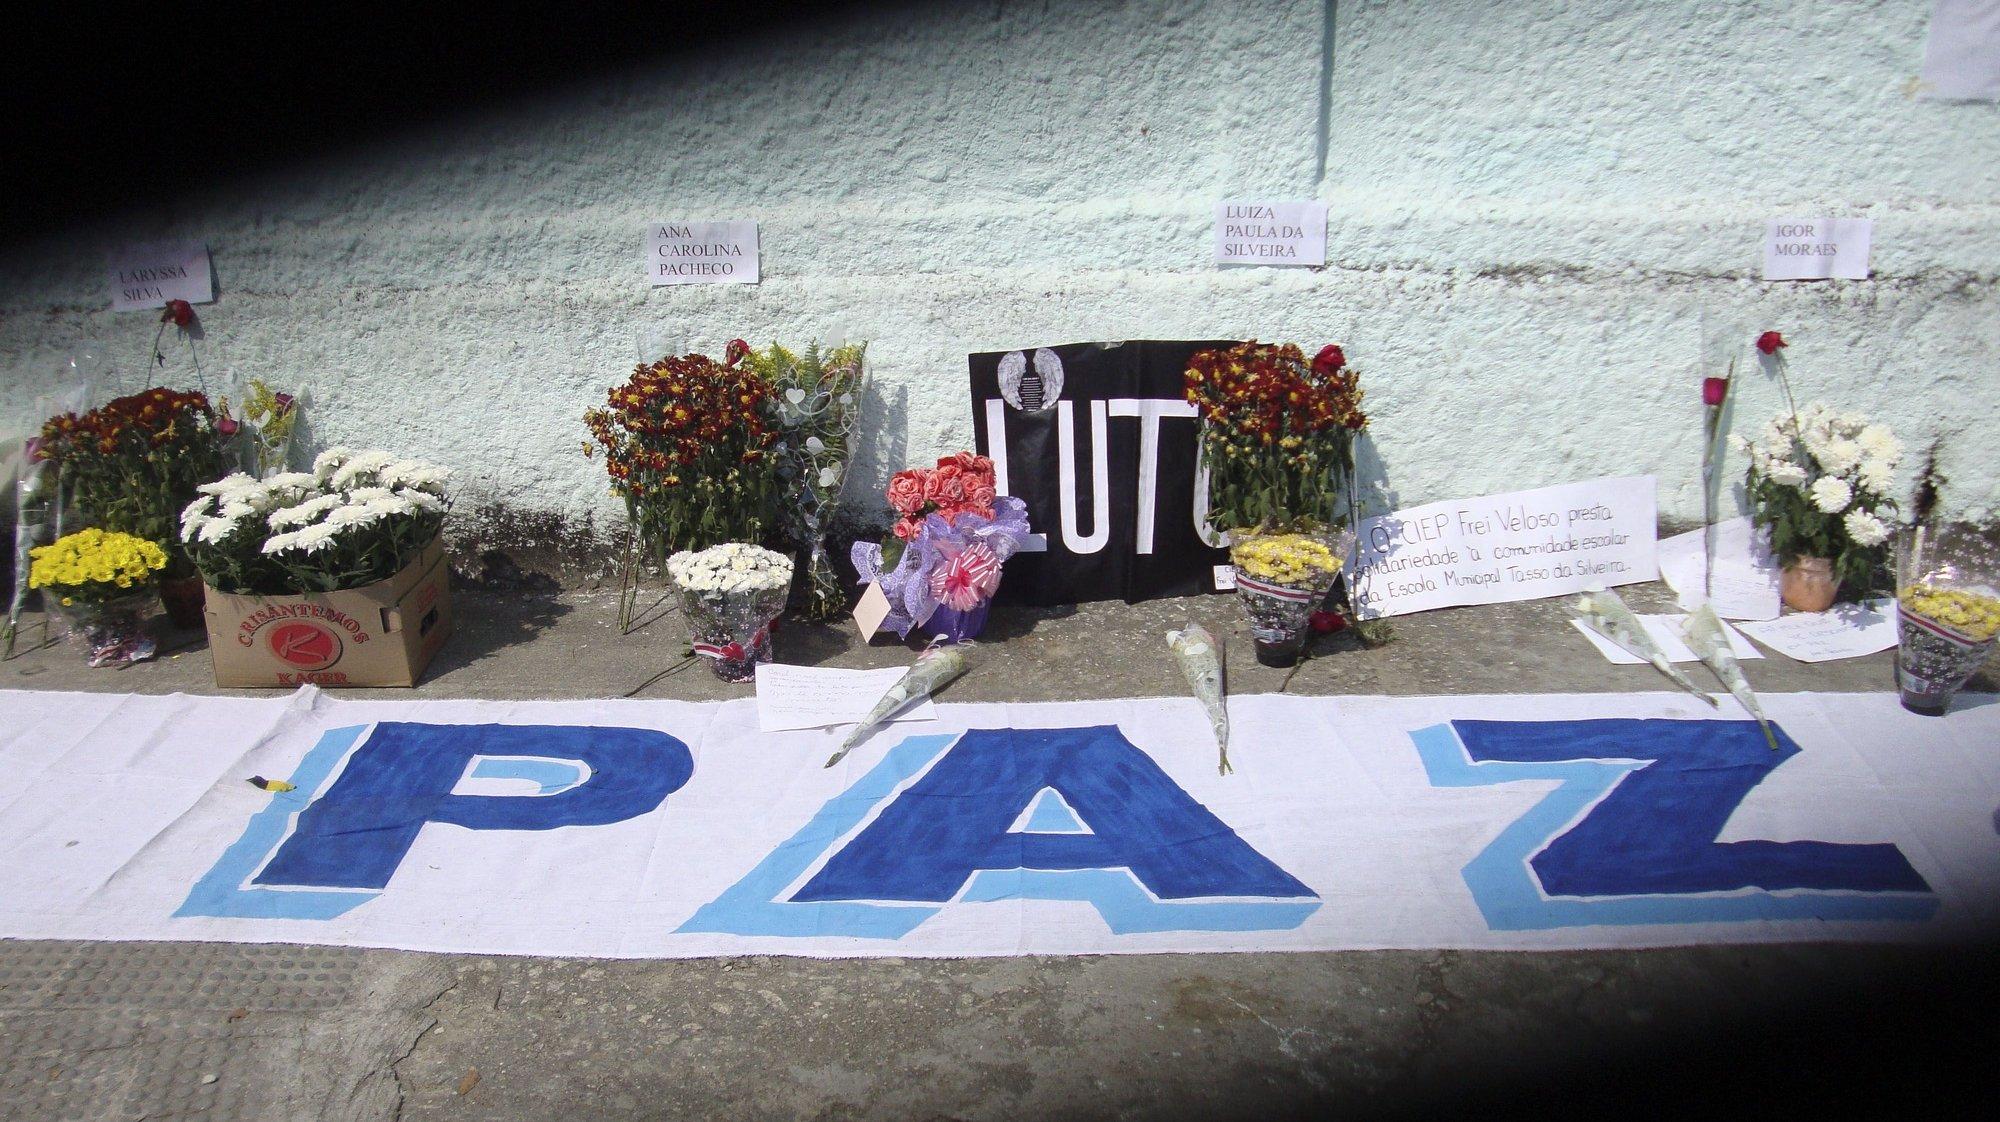 Familiares e amigos participaram nos funerais de algumas das crianças mortas ontem por um atirador suicida numa escola do Rio de Janeiro, 8 de abril de 2011.  FABIANA BRITO ROQUE/LUSA